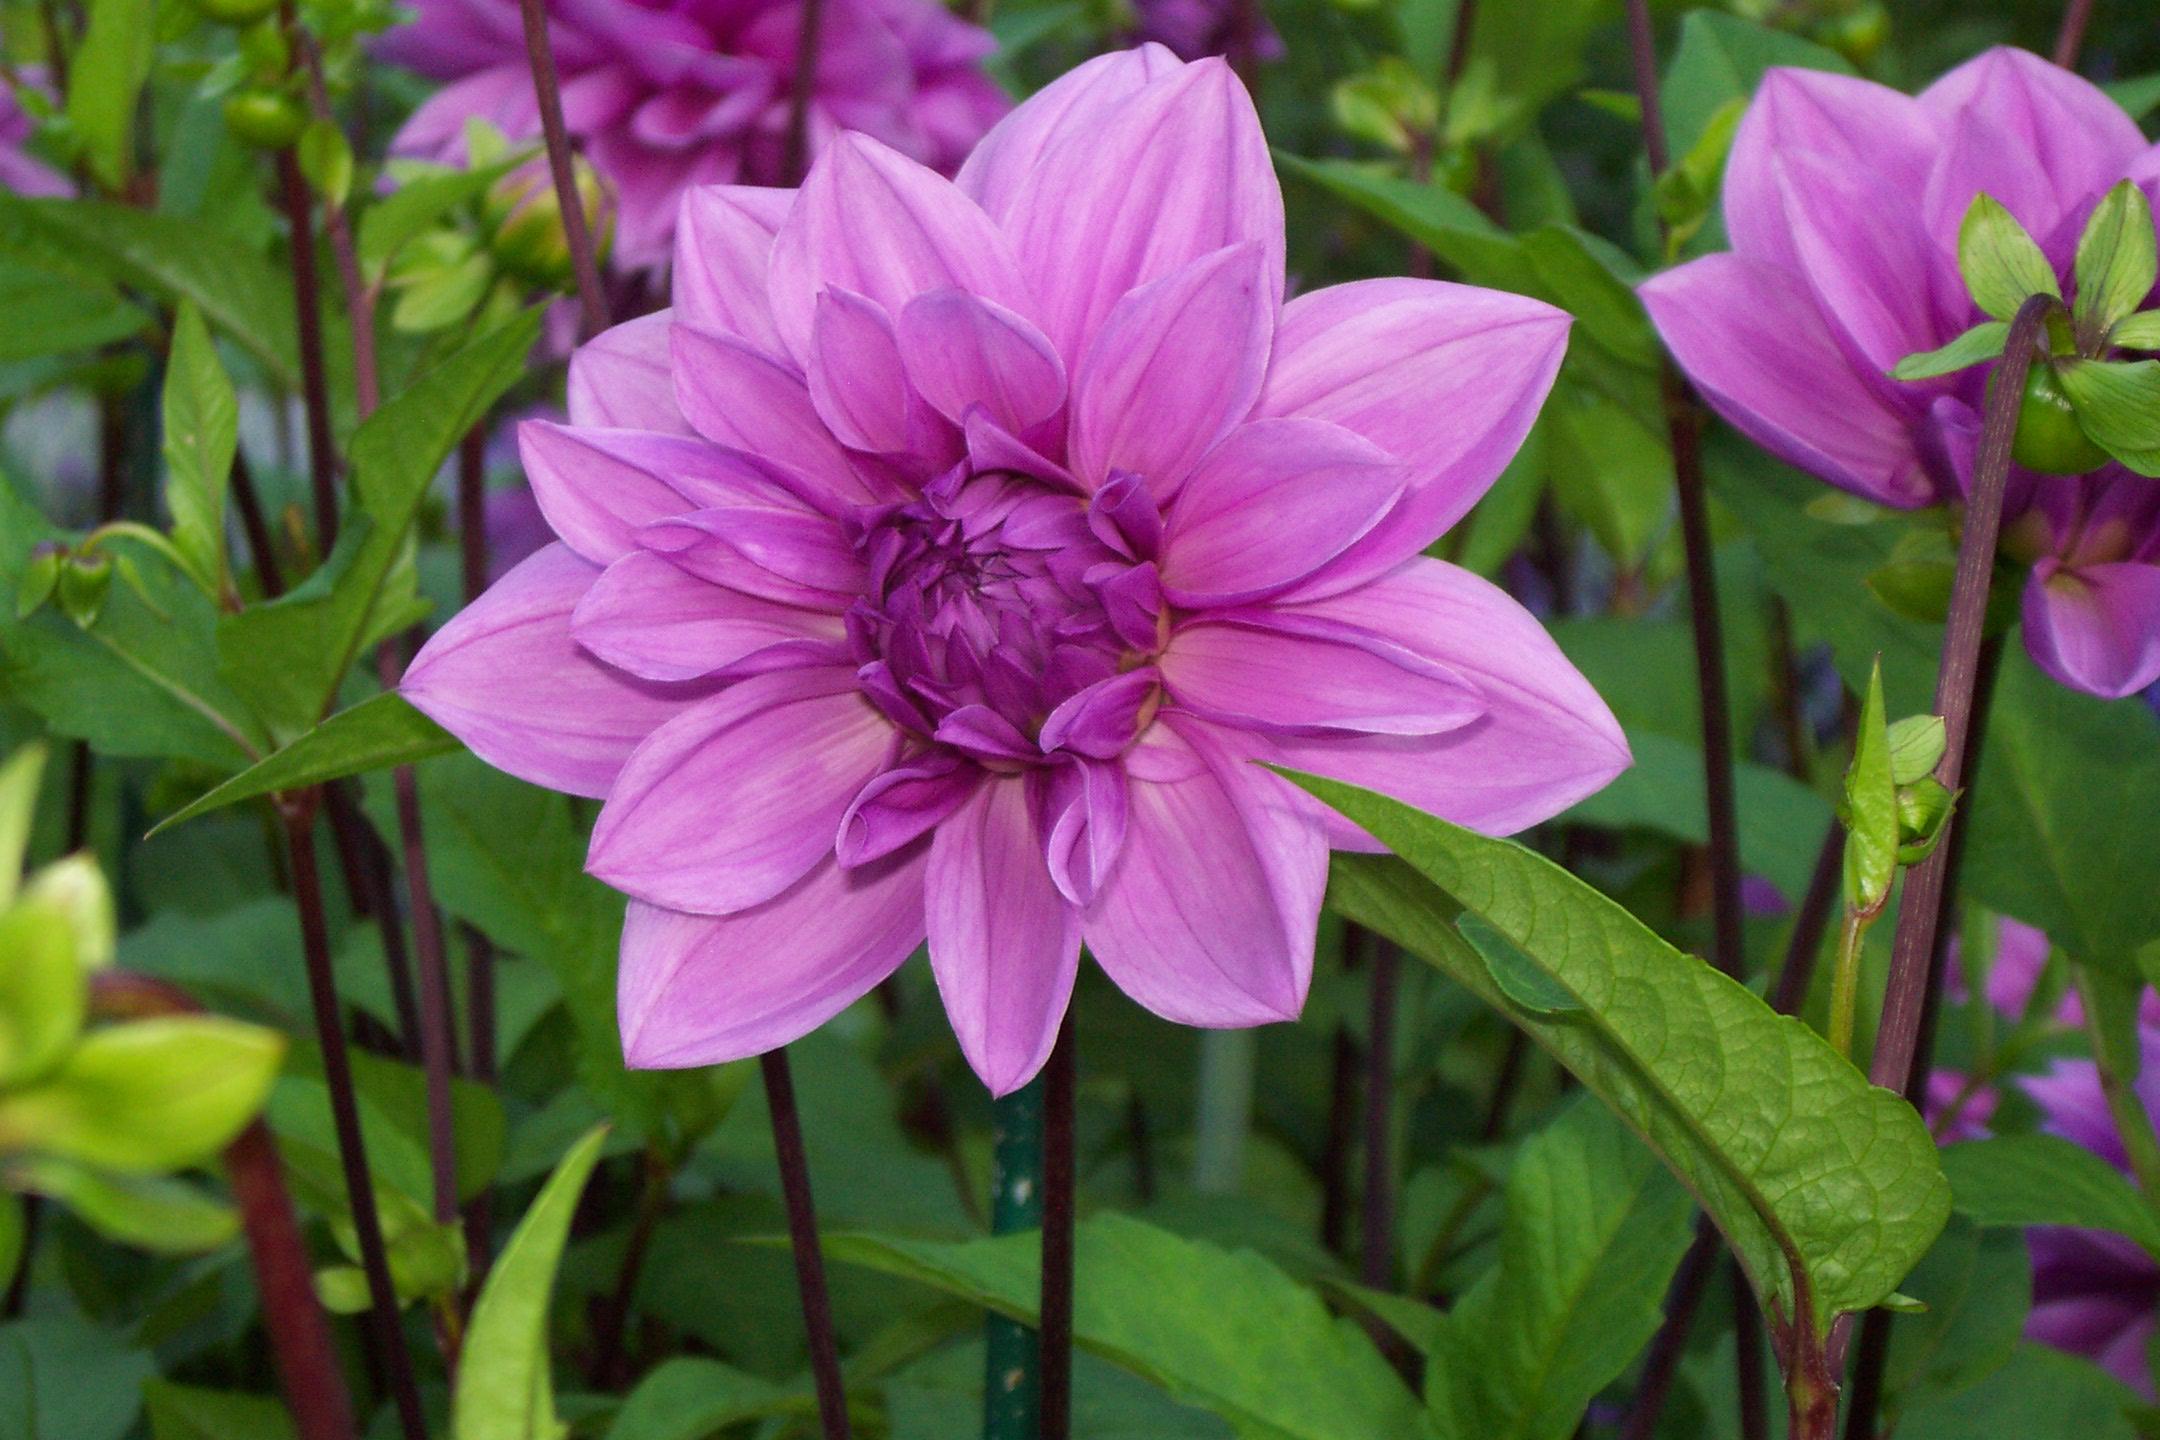 Free Images Flower Dahlia Flora Purple Flowering Plant